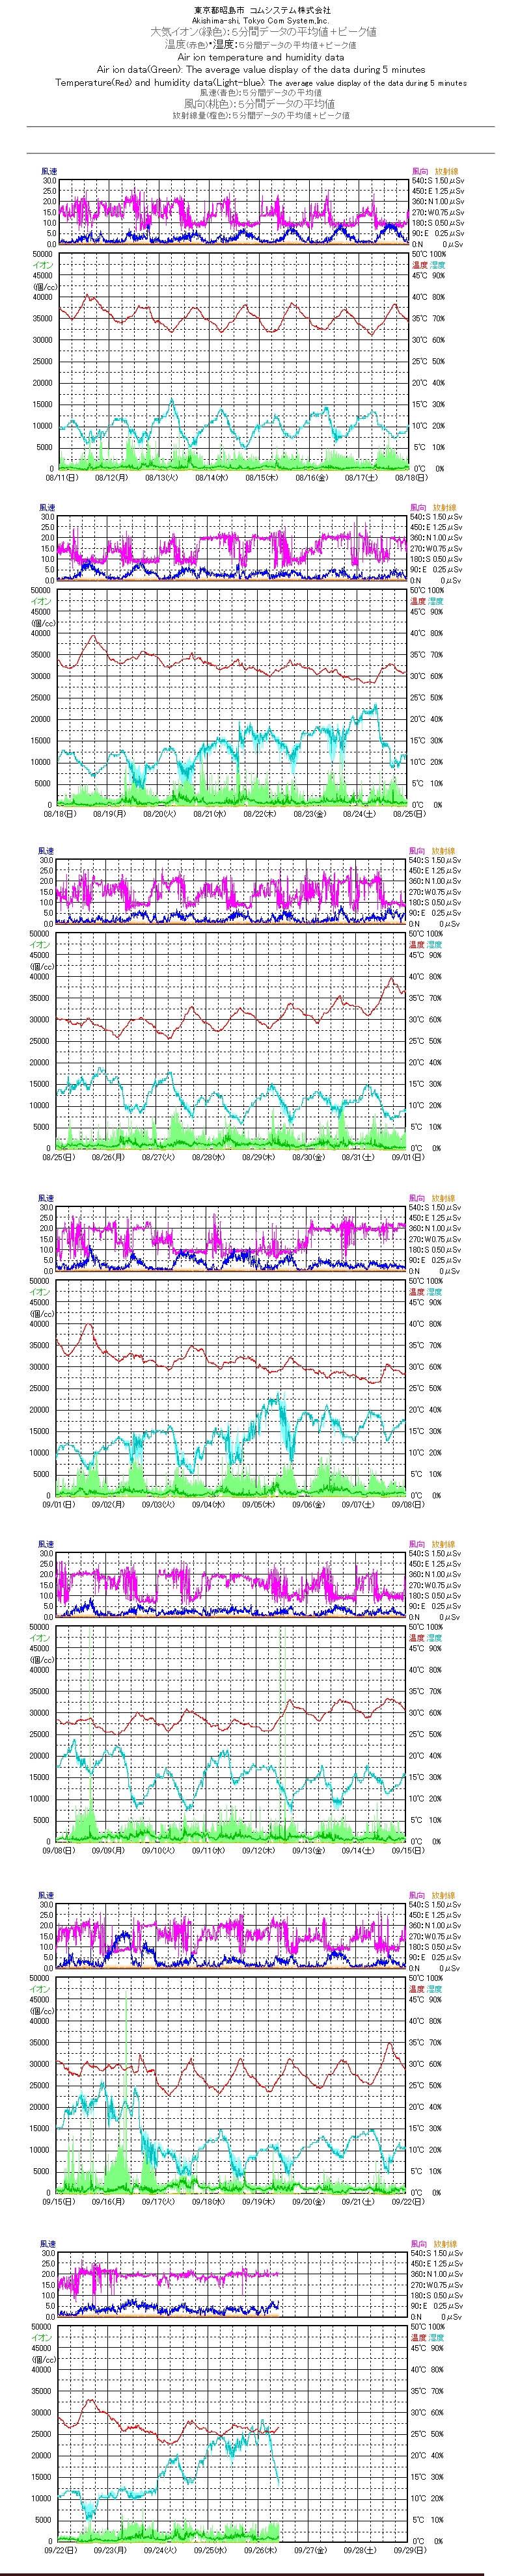 大気イオン観測データ  東京都昭島市  201308-201309.jpg